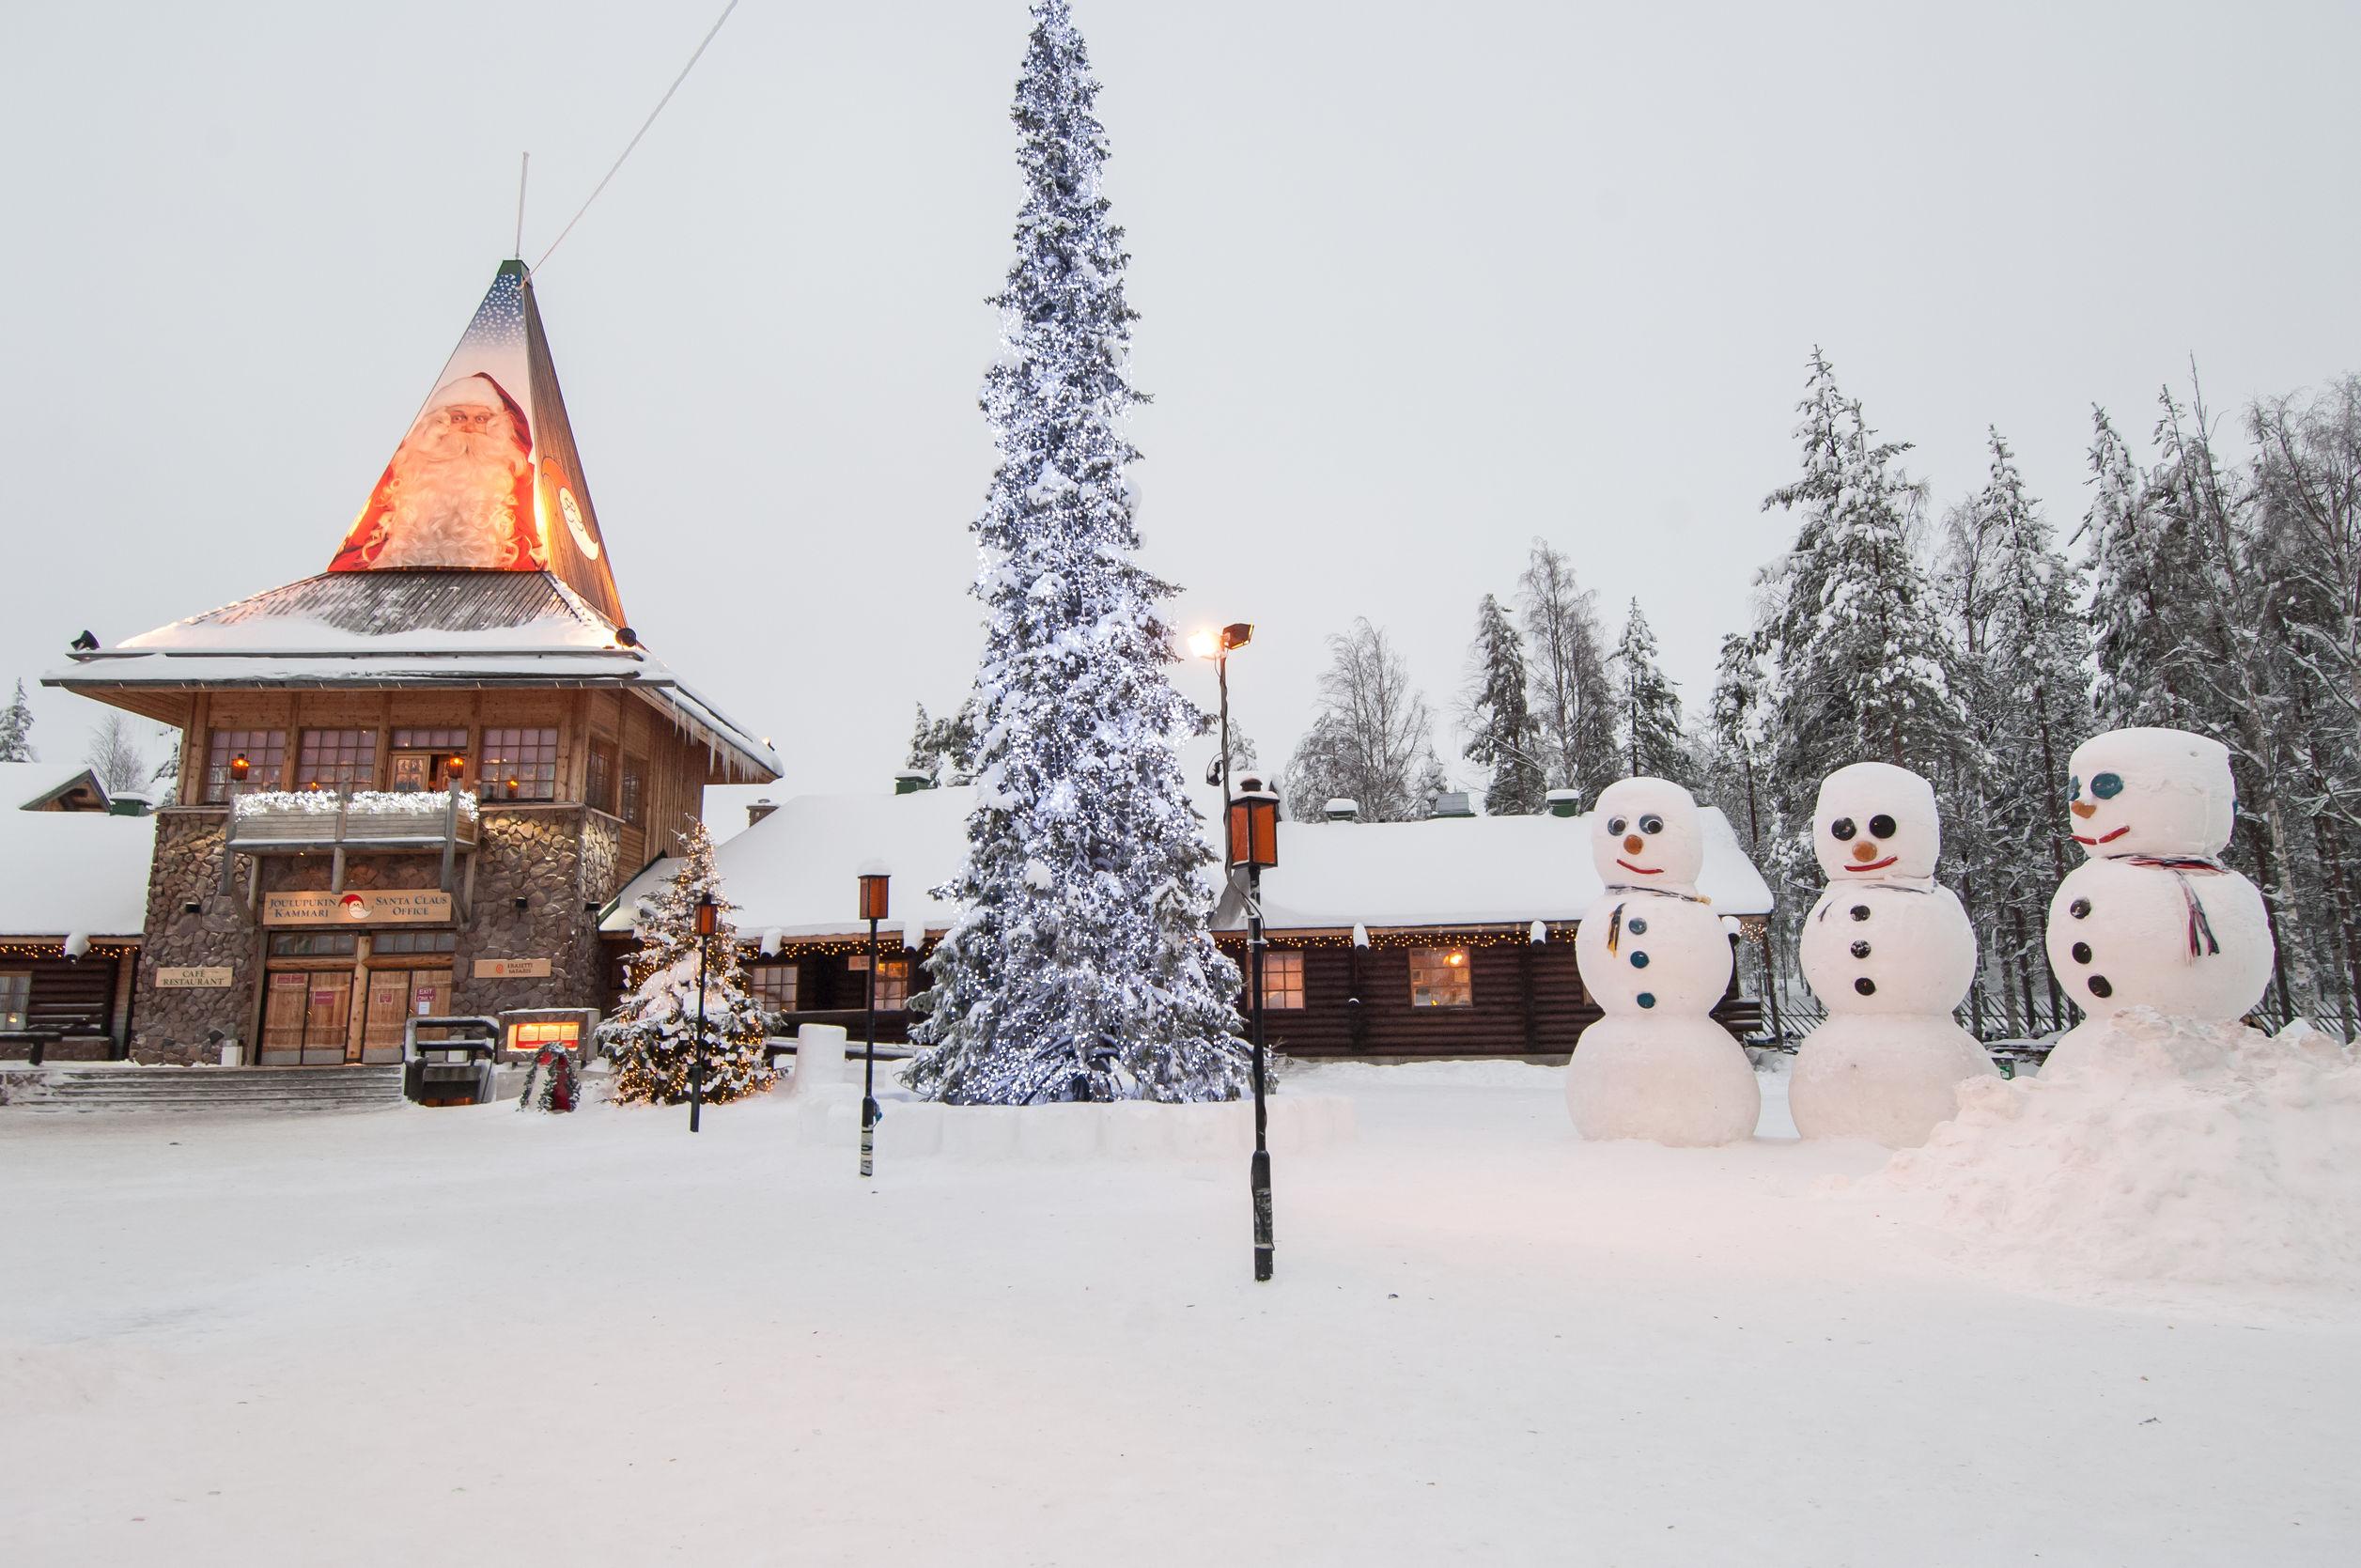 Acesta este orasul lui Mos Craciun - Rovaniemi, Finlanda